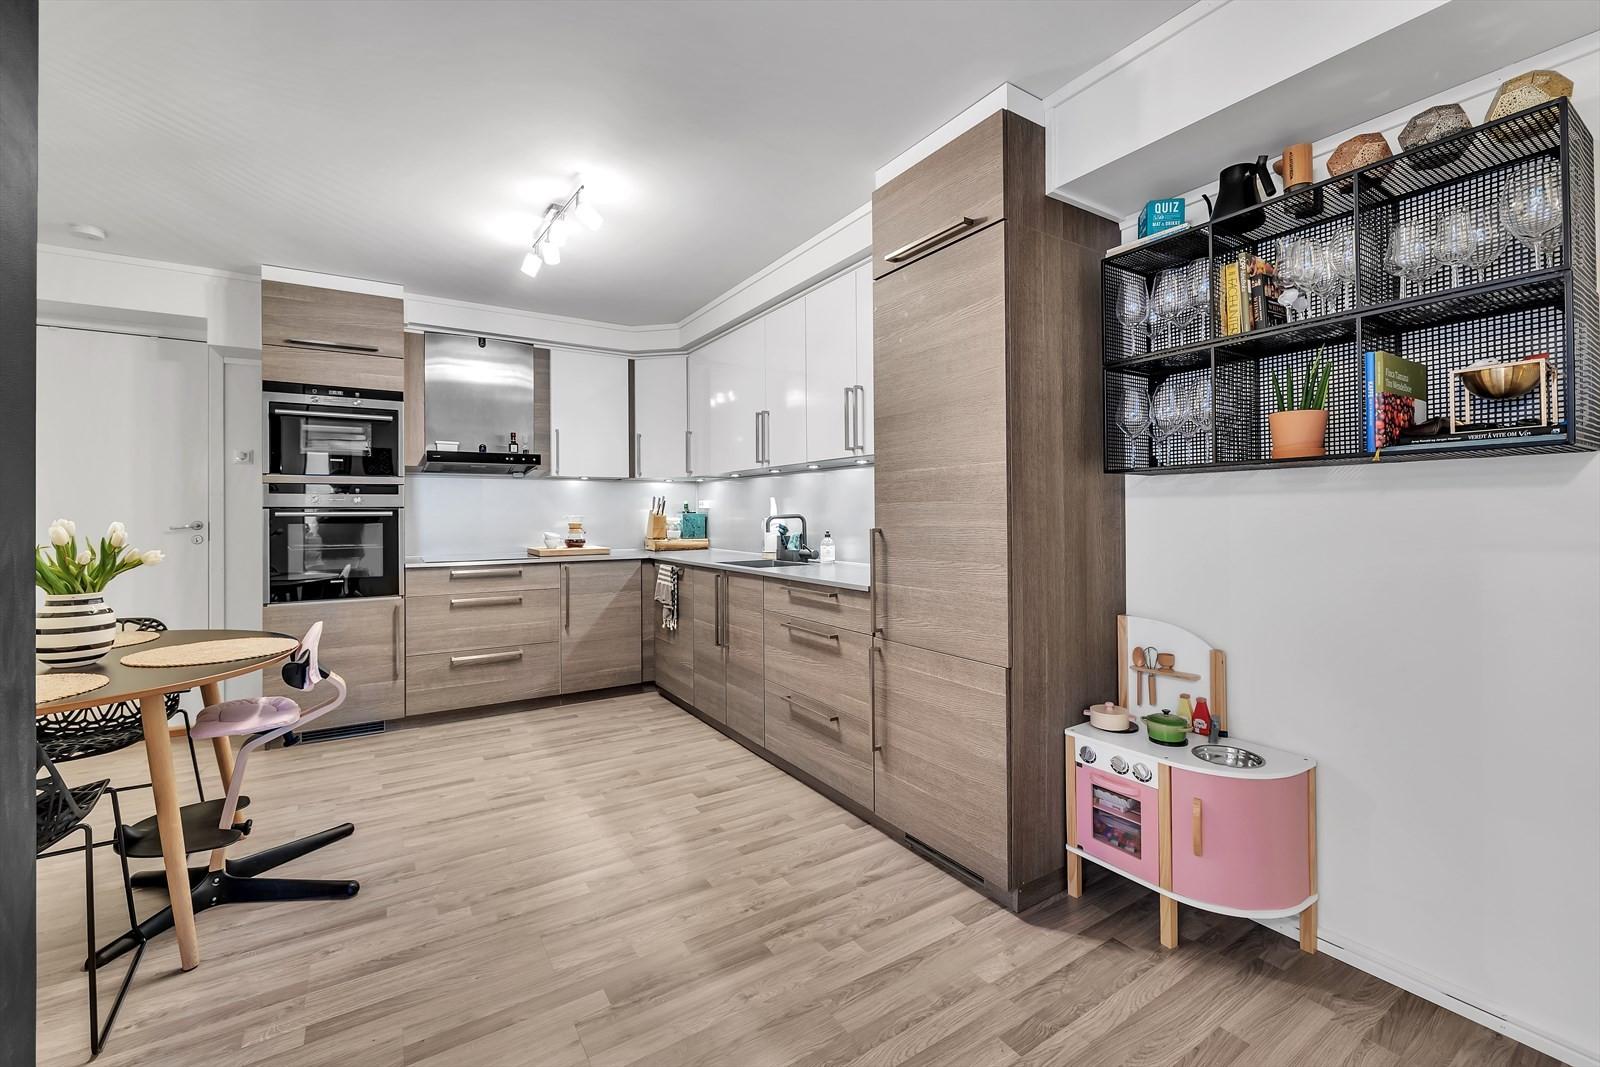 Kjøkkenet er både innholdsrikt og pent